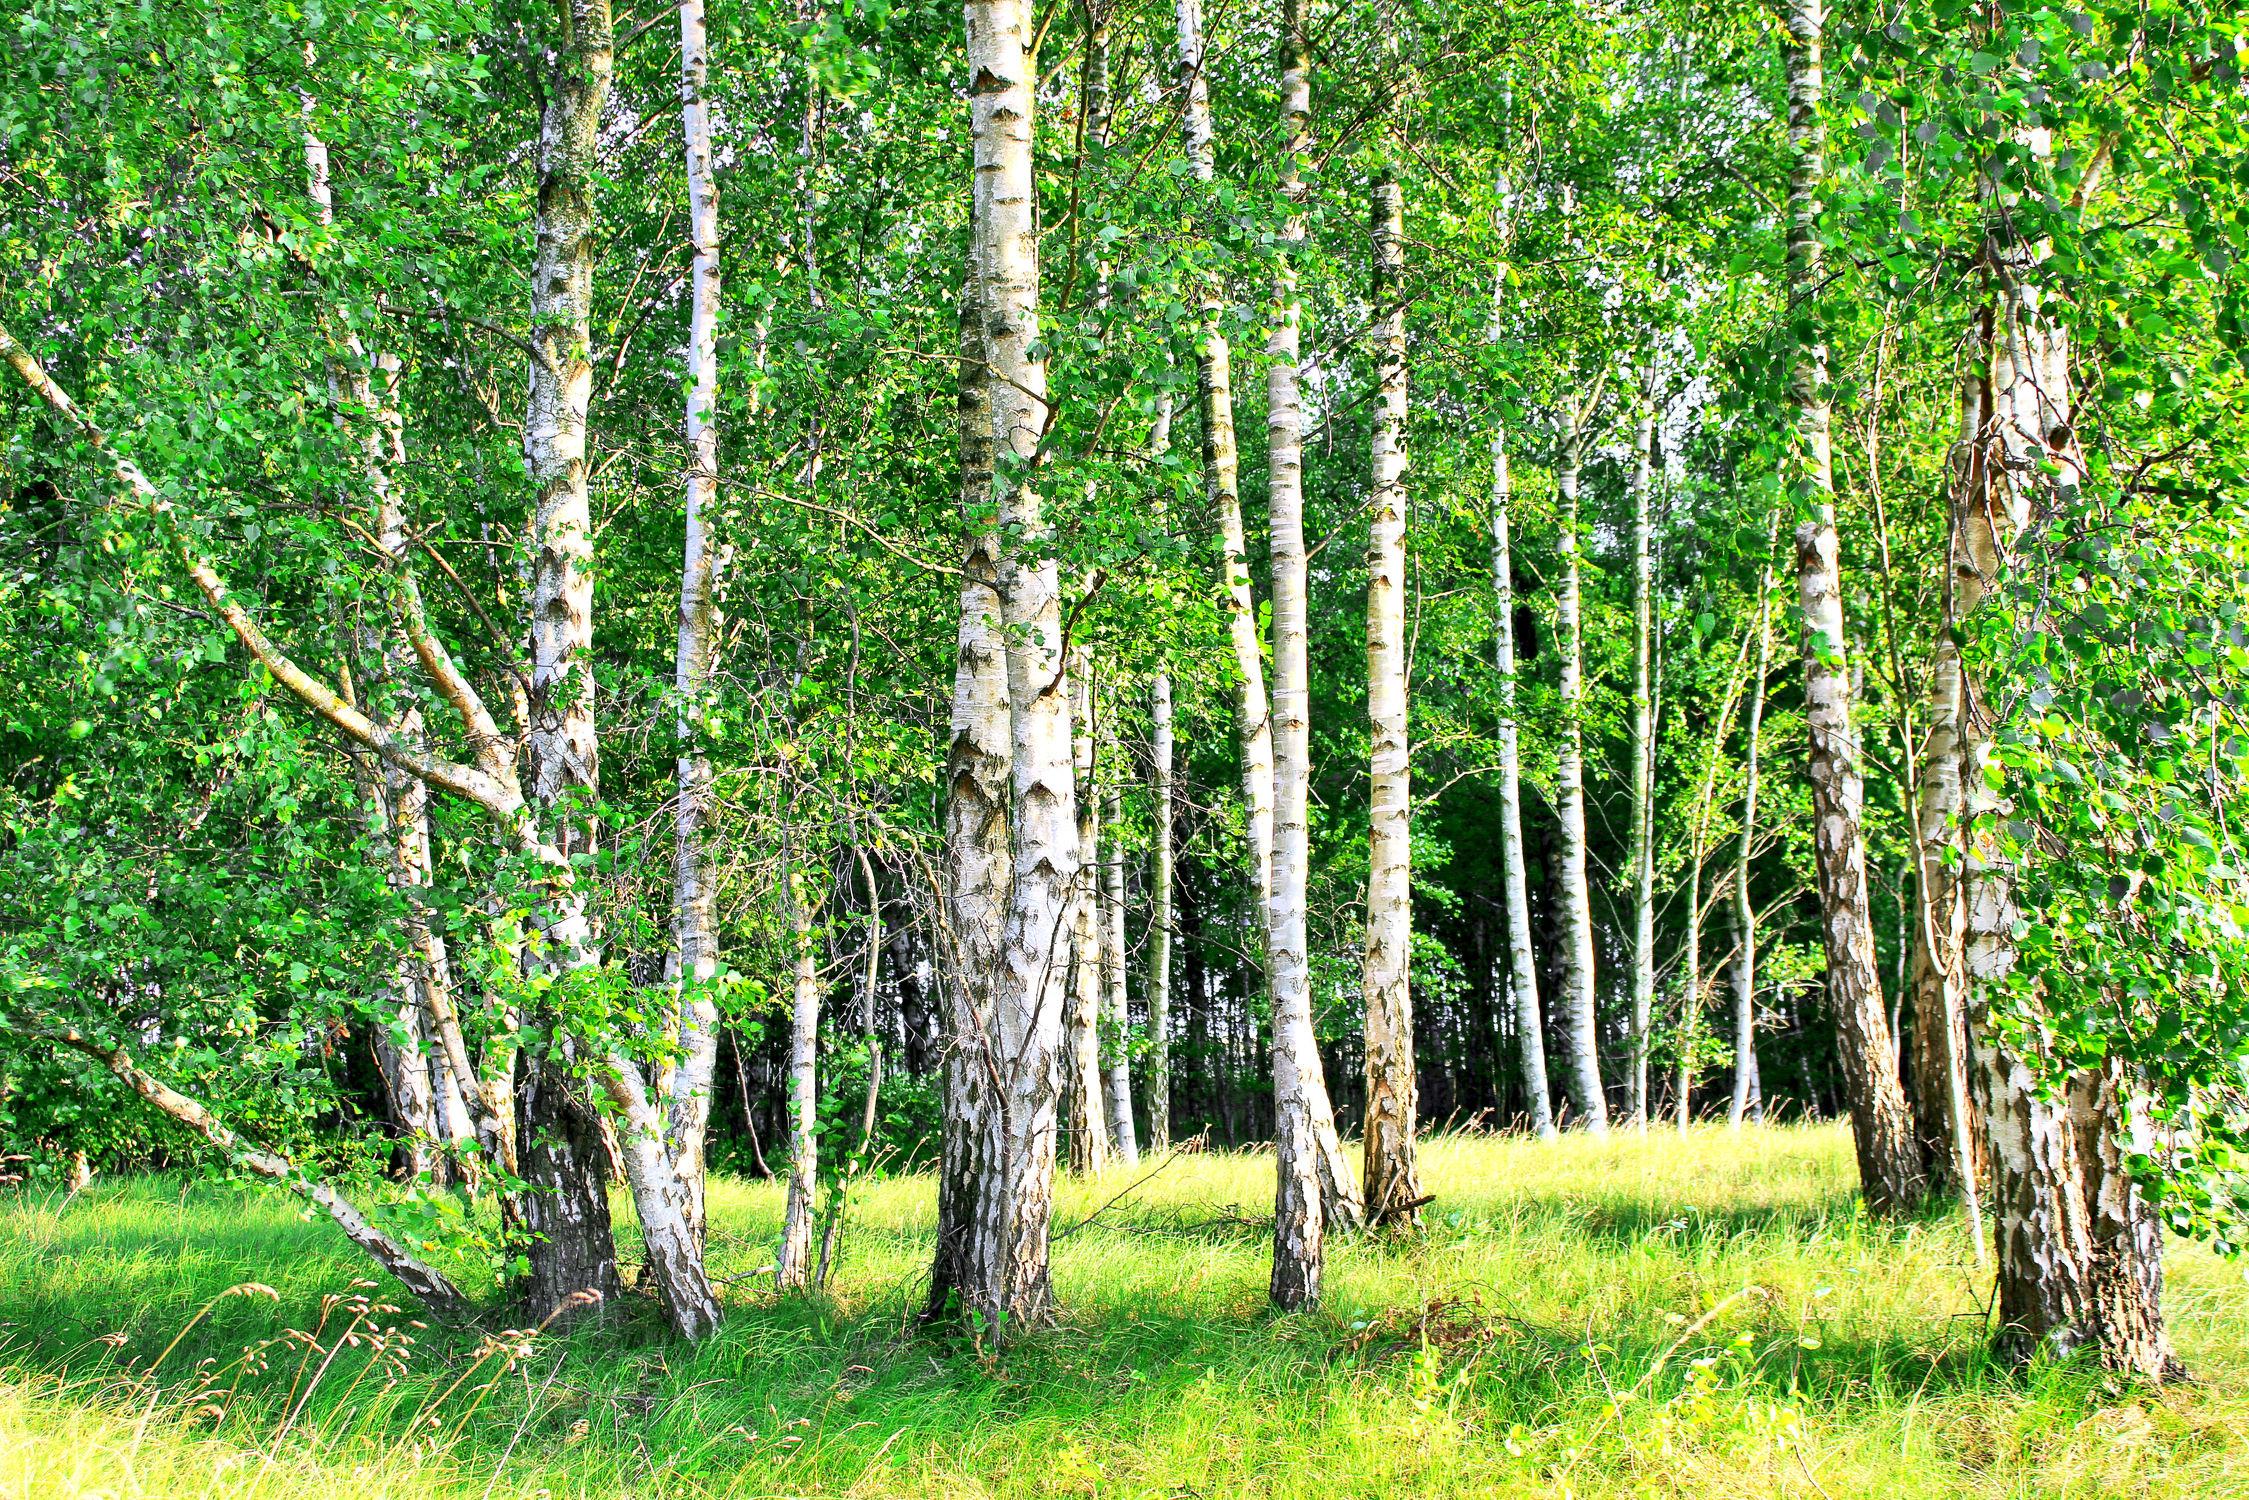 Bild mit Natur, Grün, Bäume, Wälder, Weiß, Laubbäume, Birken, Wald, Baumkrone, Baum, Birke, Betula, Baumstamm, Forest, Birkenwald, Birkenwälder, Birkenblätter, Birkengewächs, Betulaceae, Sandbirke, Weißbirke, Warzenbirke, althochdeutsch Bircha, Birkenstamm, Laubbaum, Nature, Tree, Baumstämme